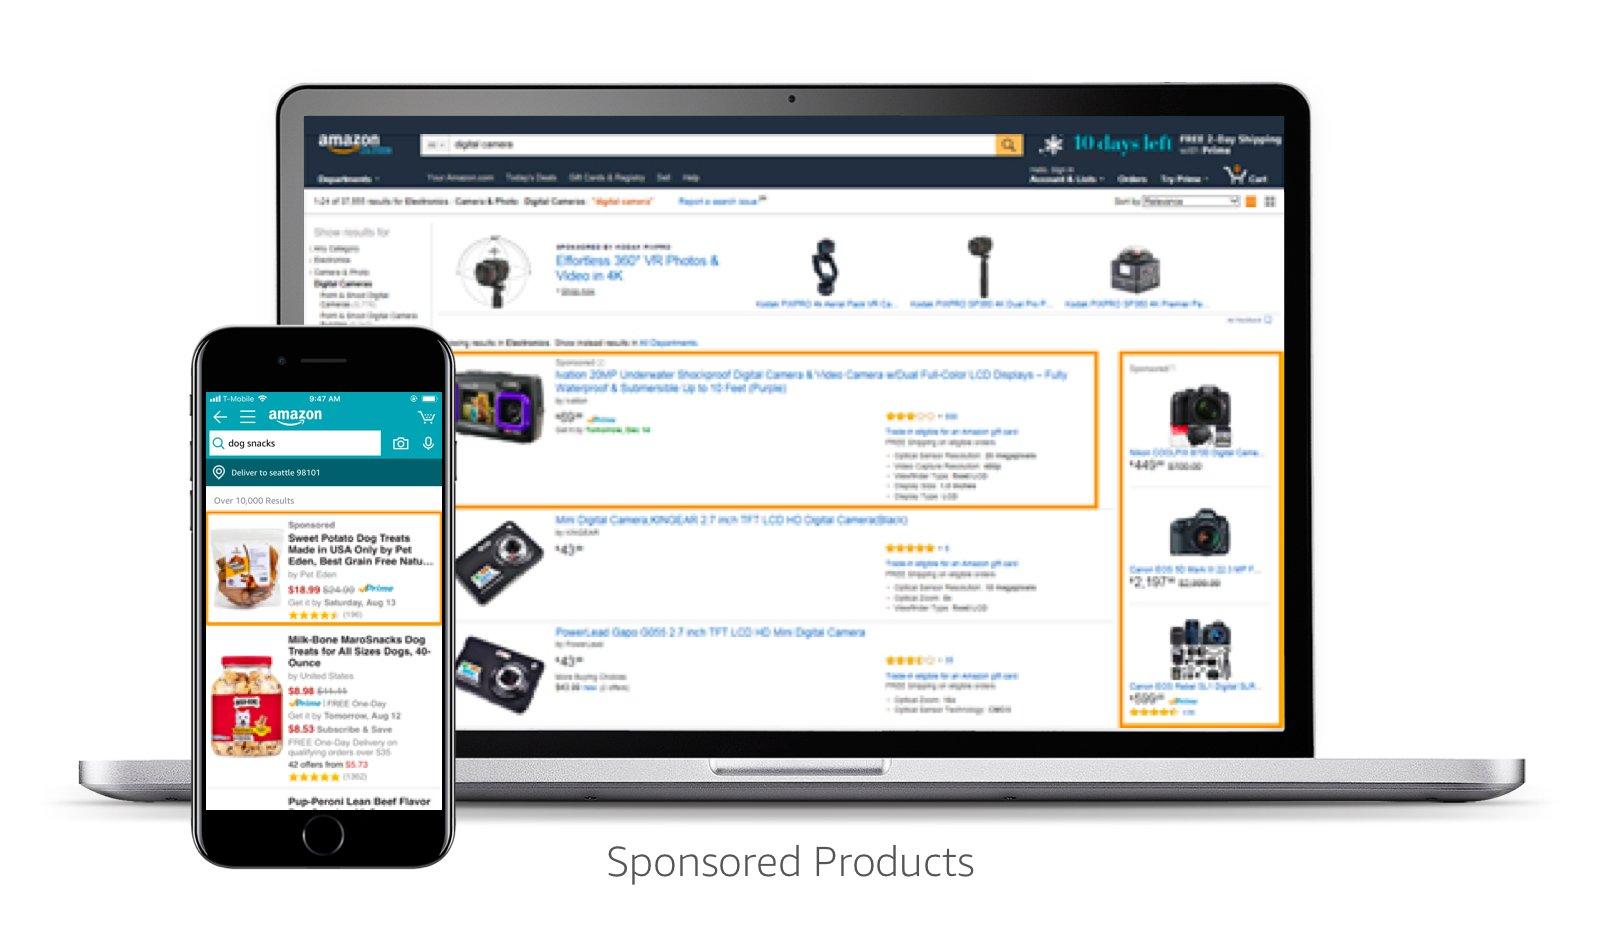 Anuncios de productos patrocinados en Amazon